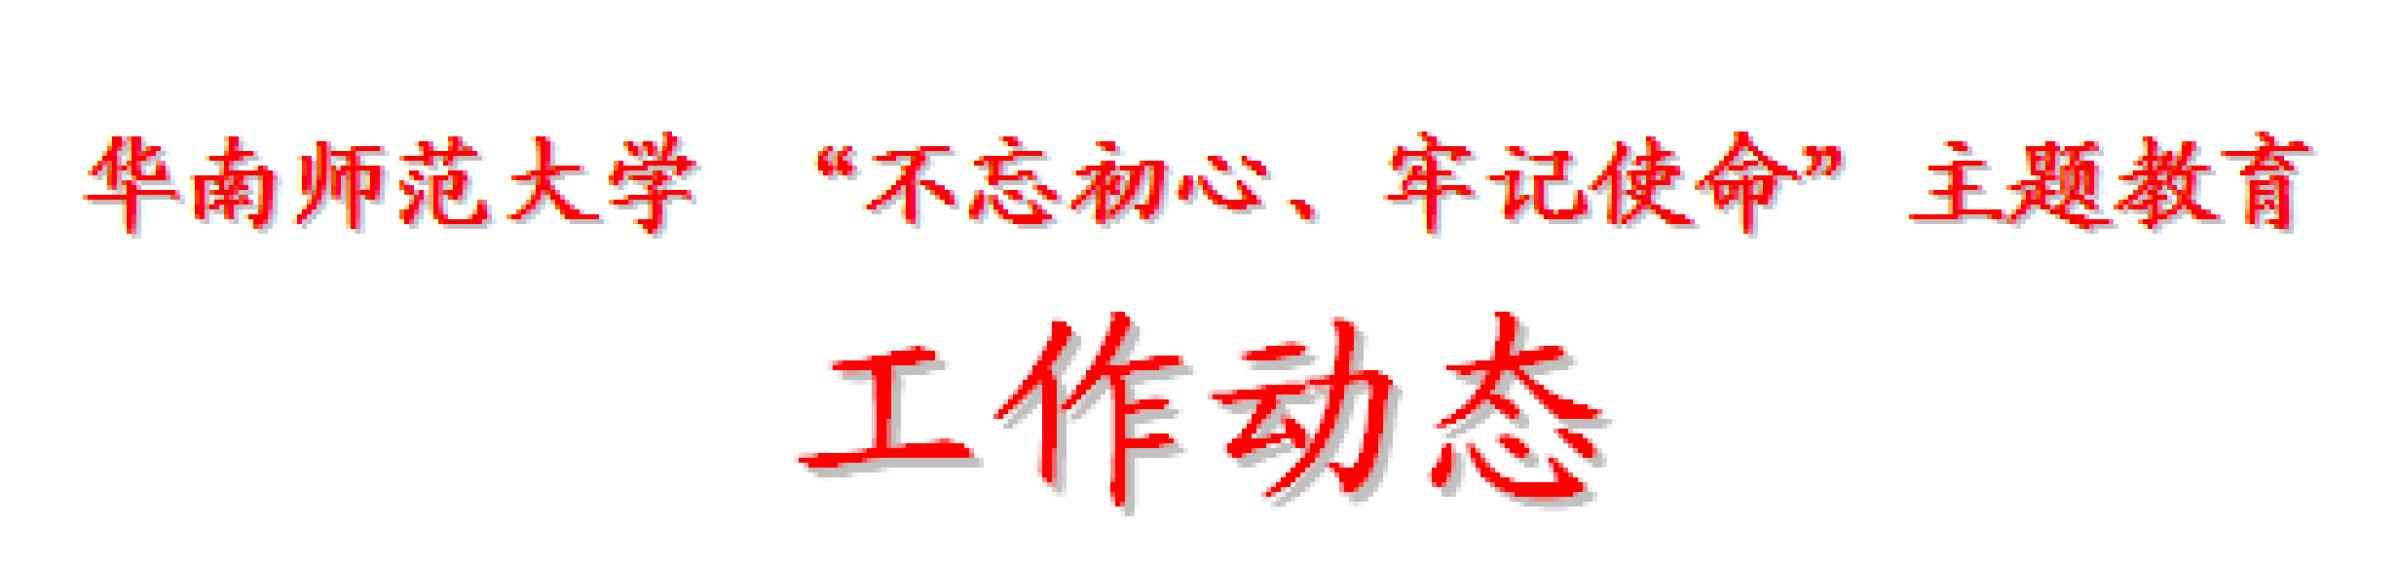 """华南师范大学 """"不忘初心、牢记使命""""主题教育 工作动态 (2019 年第 10期,12月2日-12月8日)"""